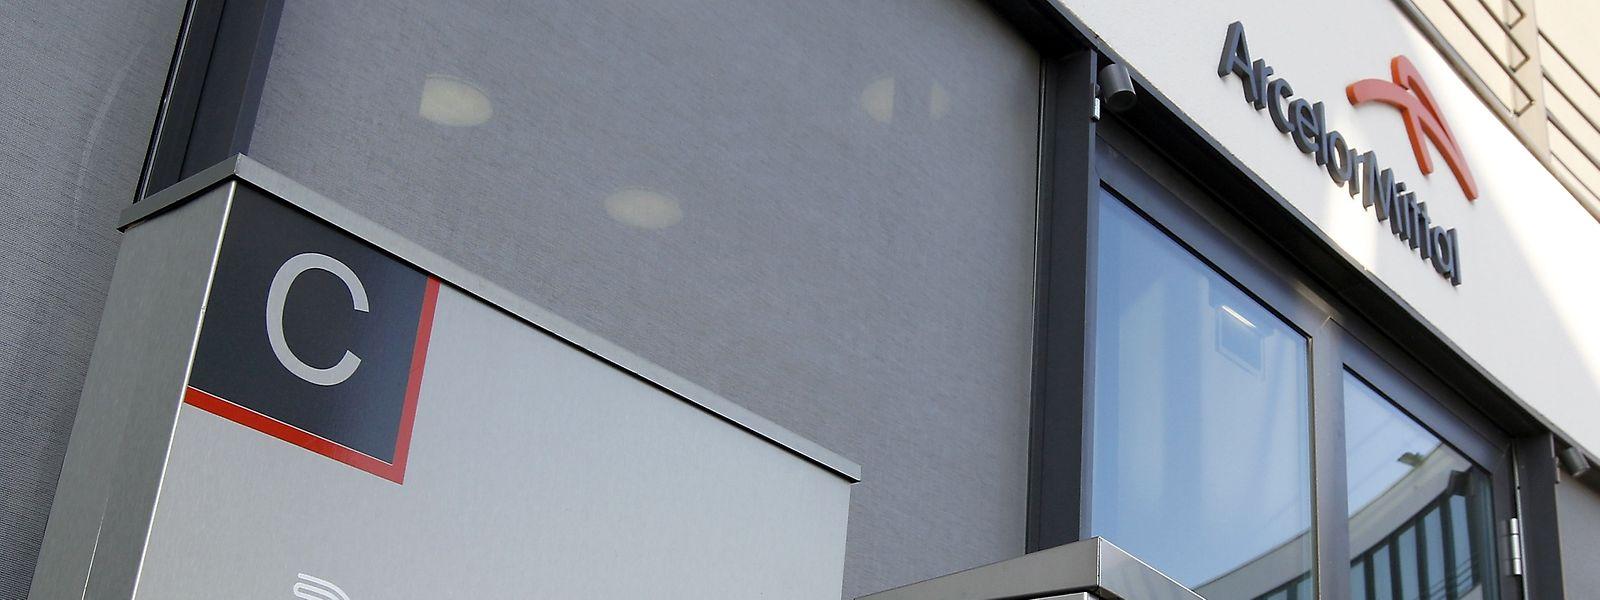 Bei dem Unternehmen handelt es sich um die ausgegliederte Edelstahlsparte von ArcelorMittal.